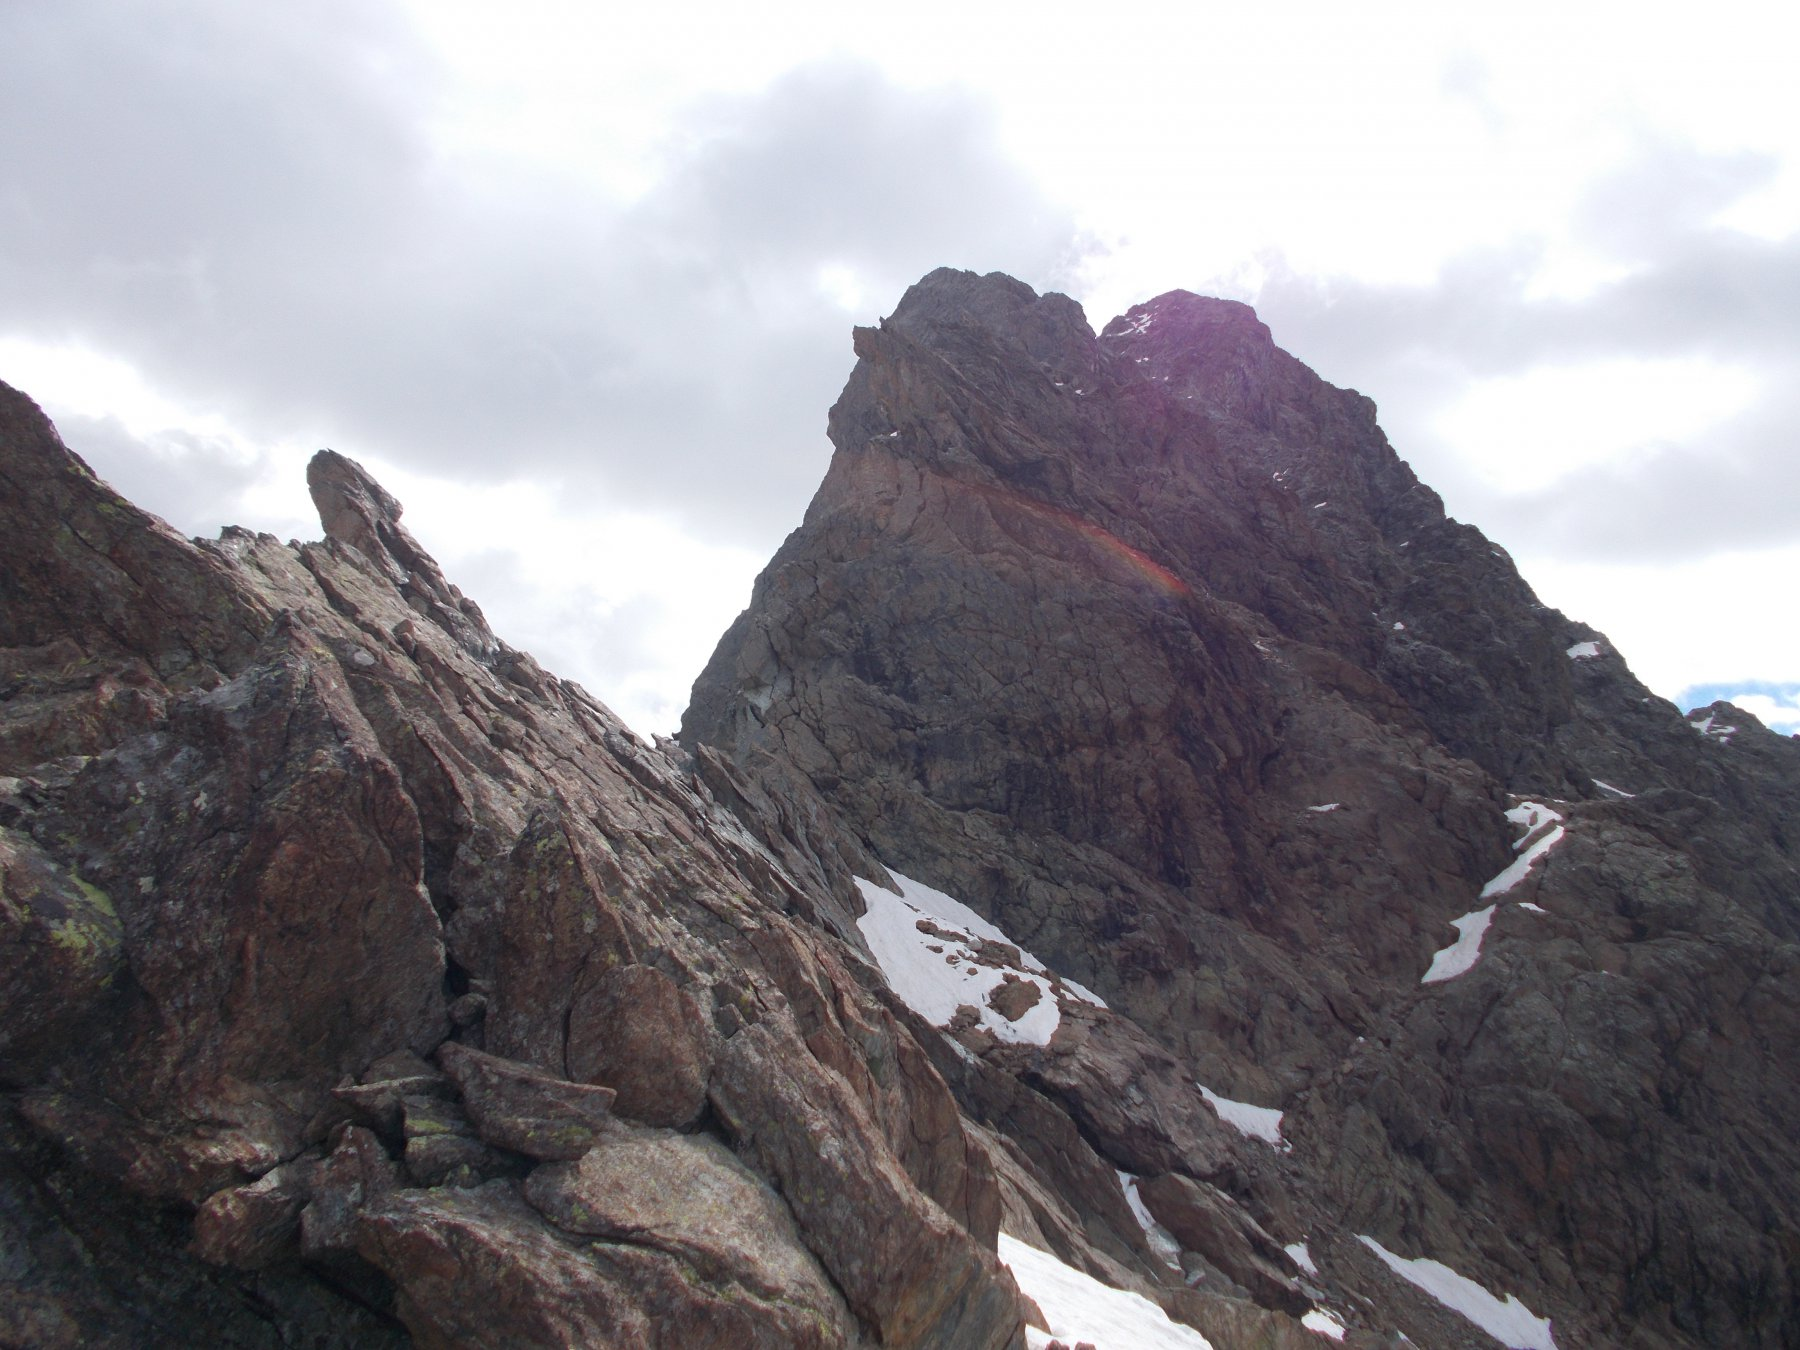 dal colletto q.2700m..tutta la cresta ovest..appena discesa..